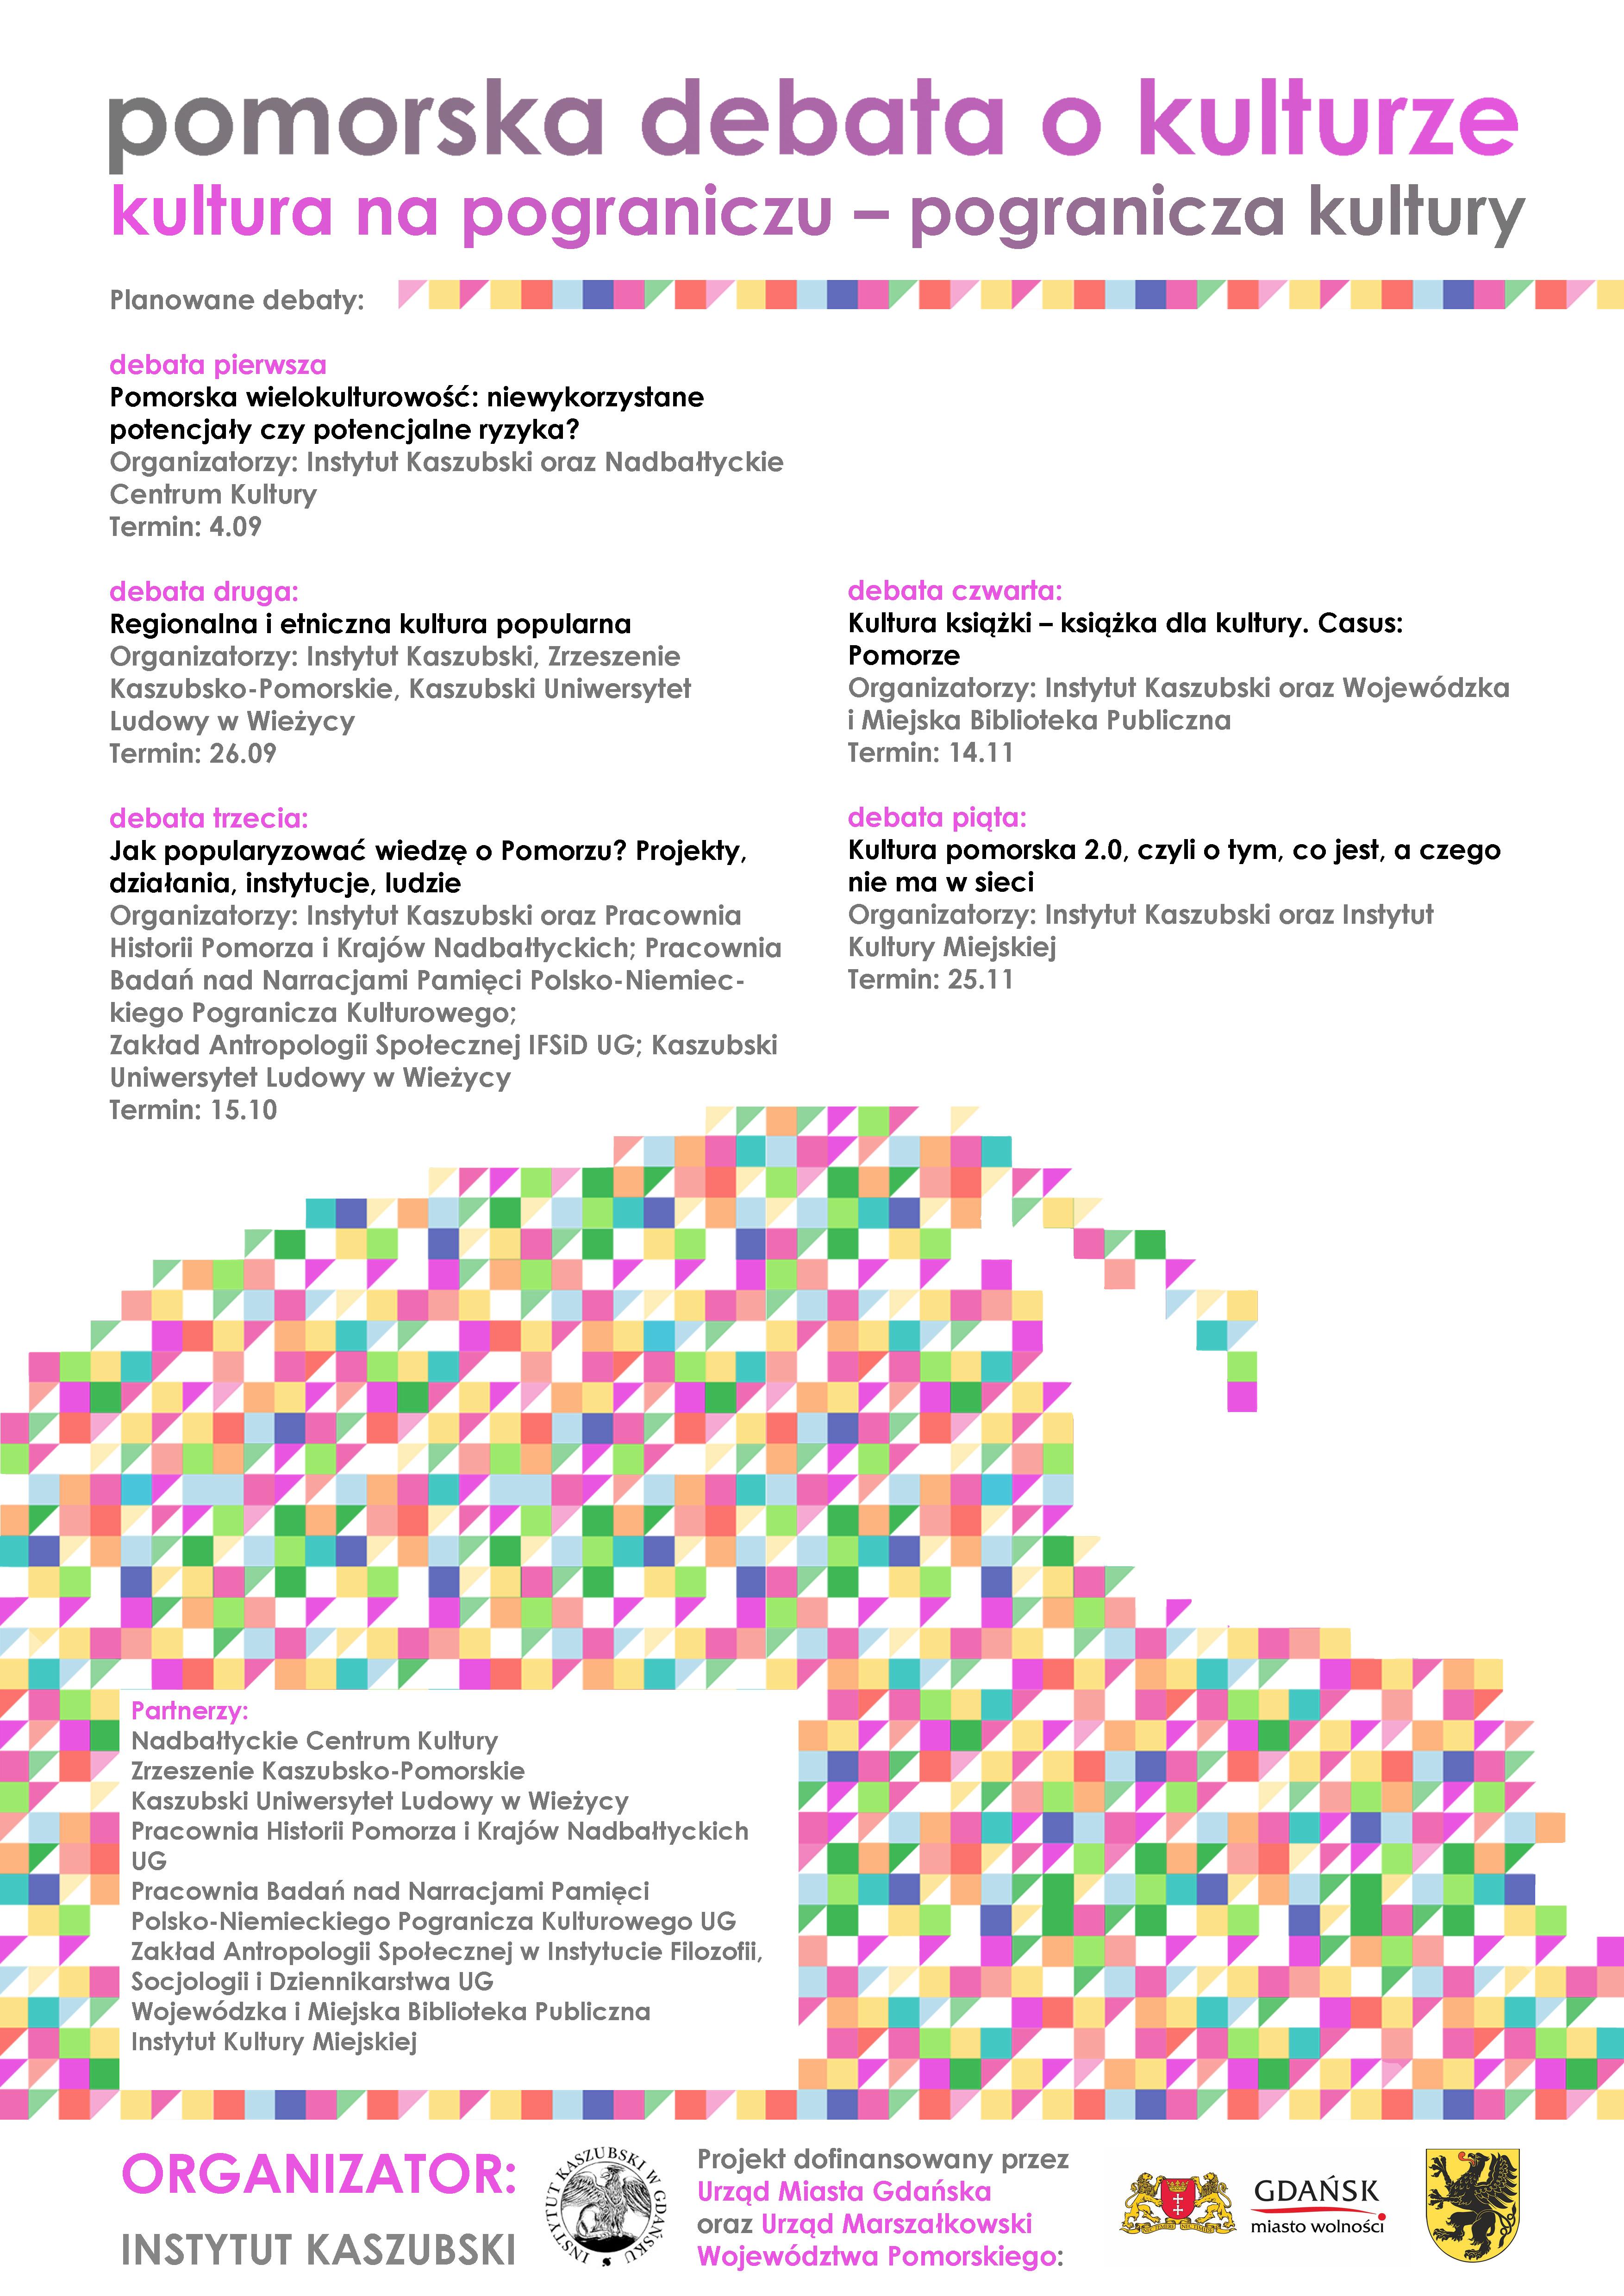 plakat główny - spis deb_at